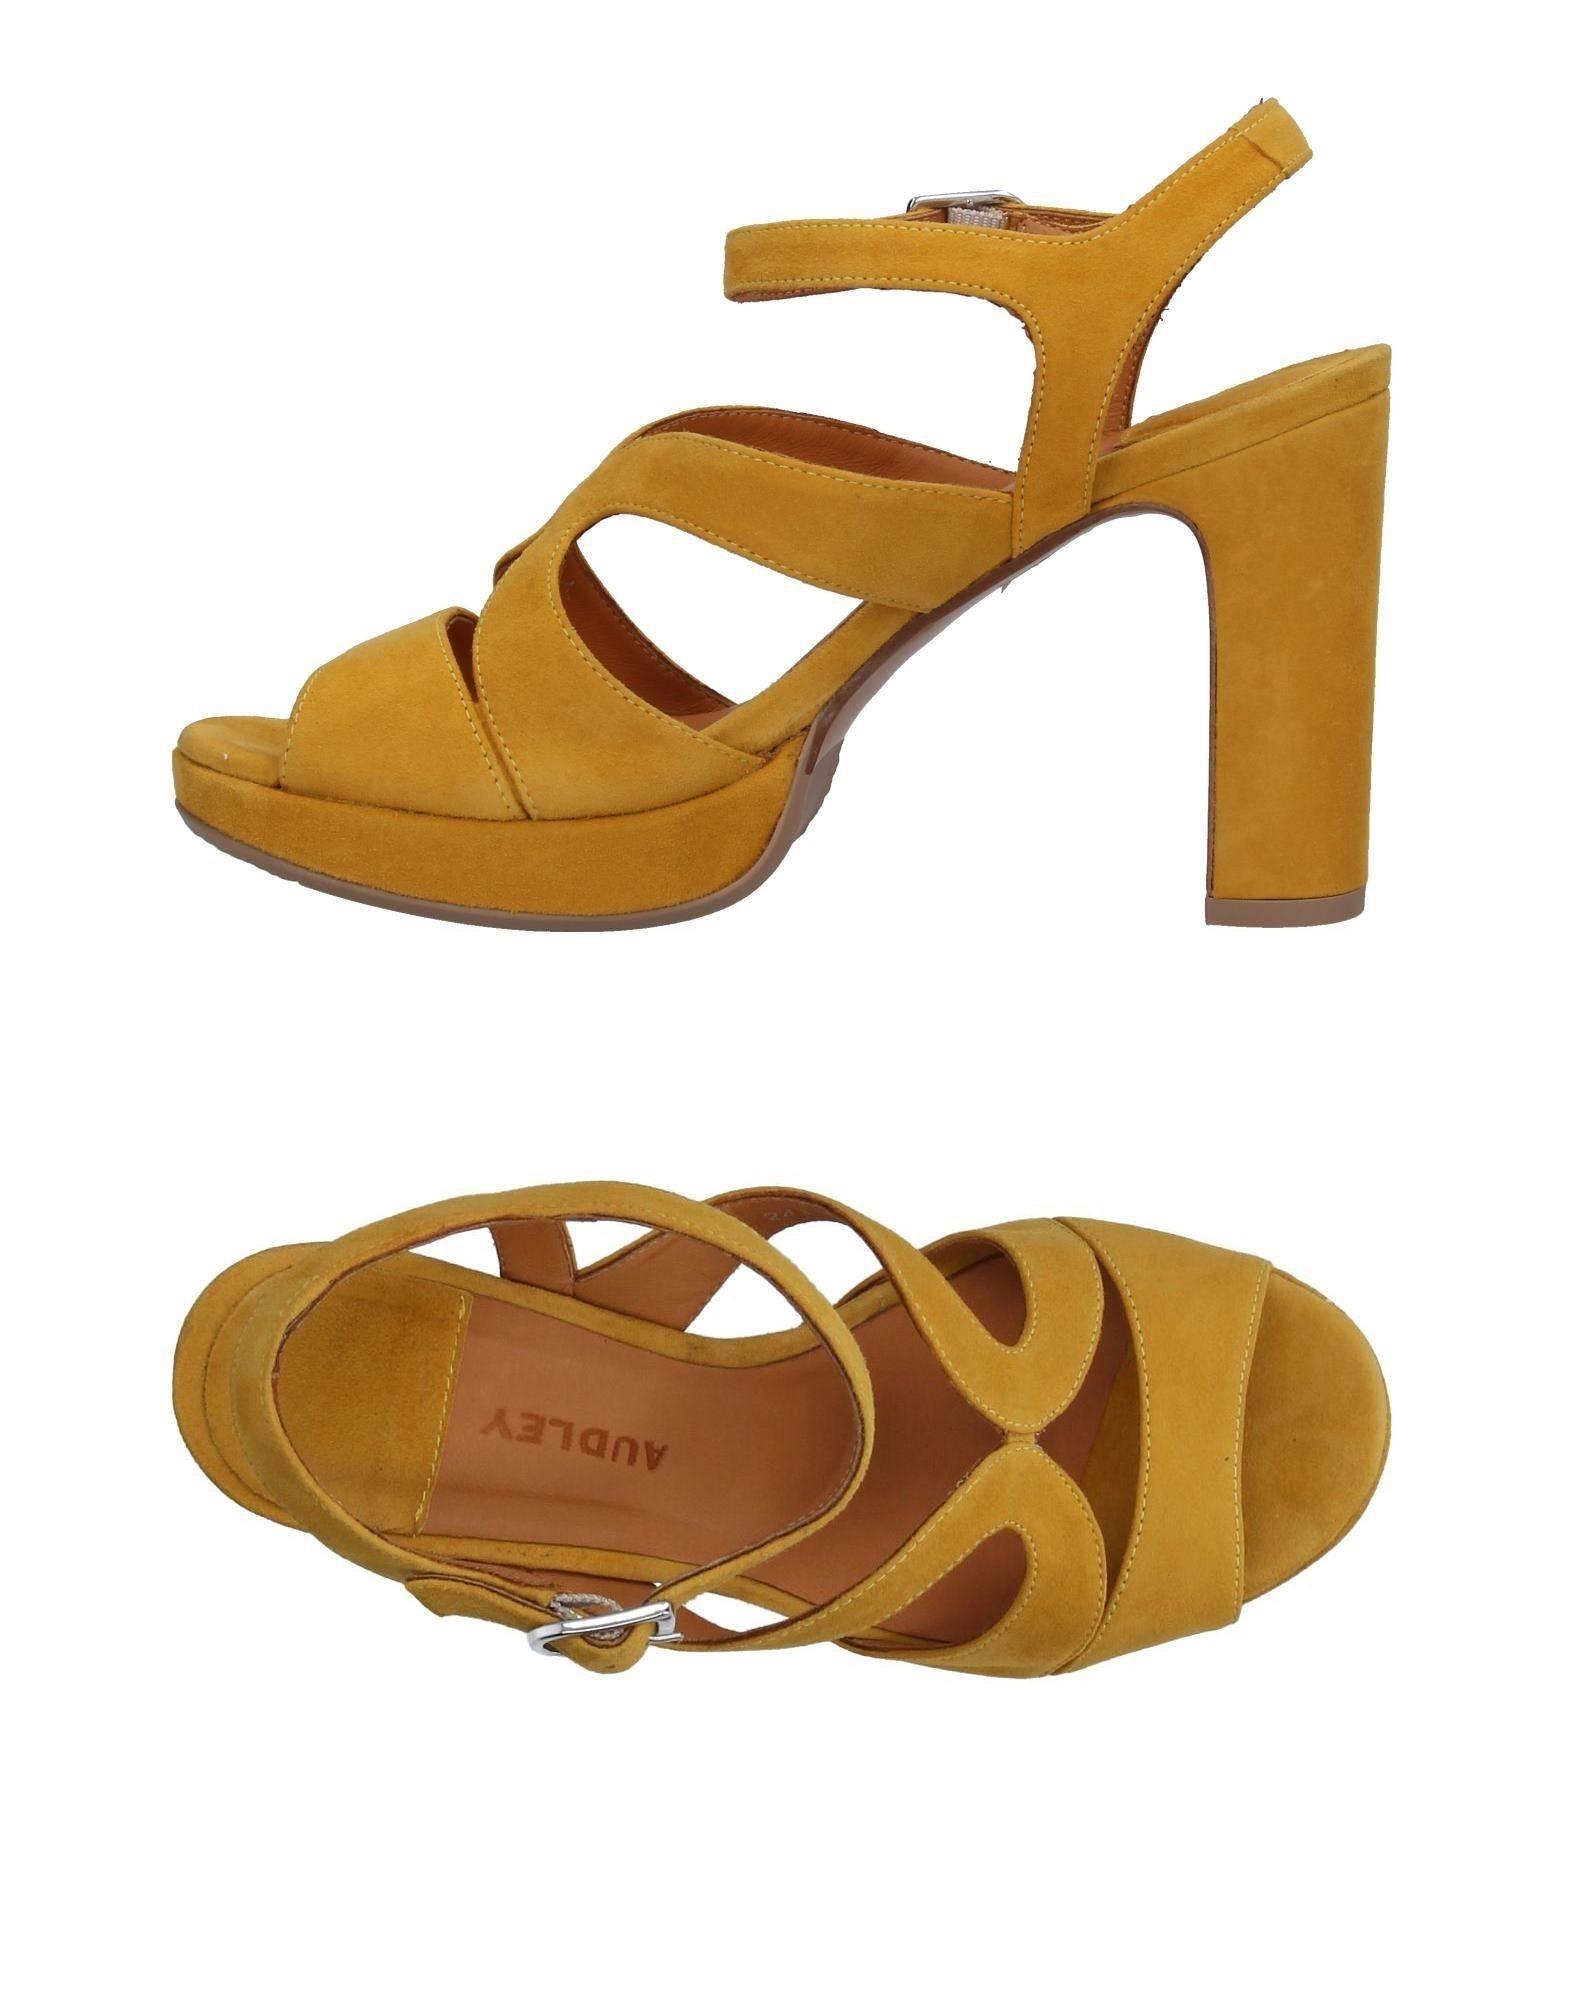 Audley Sandalen Damen  11356872JO Gute Qualität beliebte Schuhe